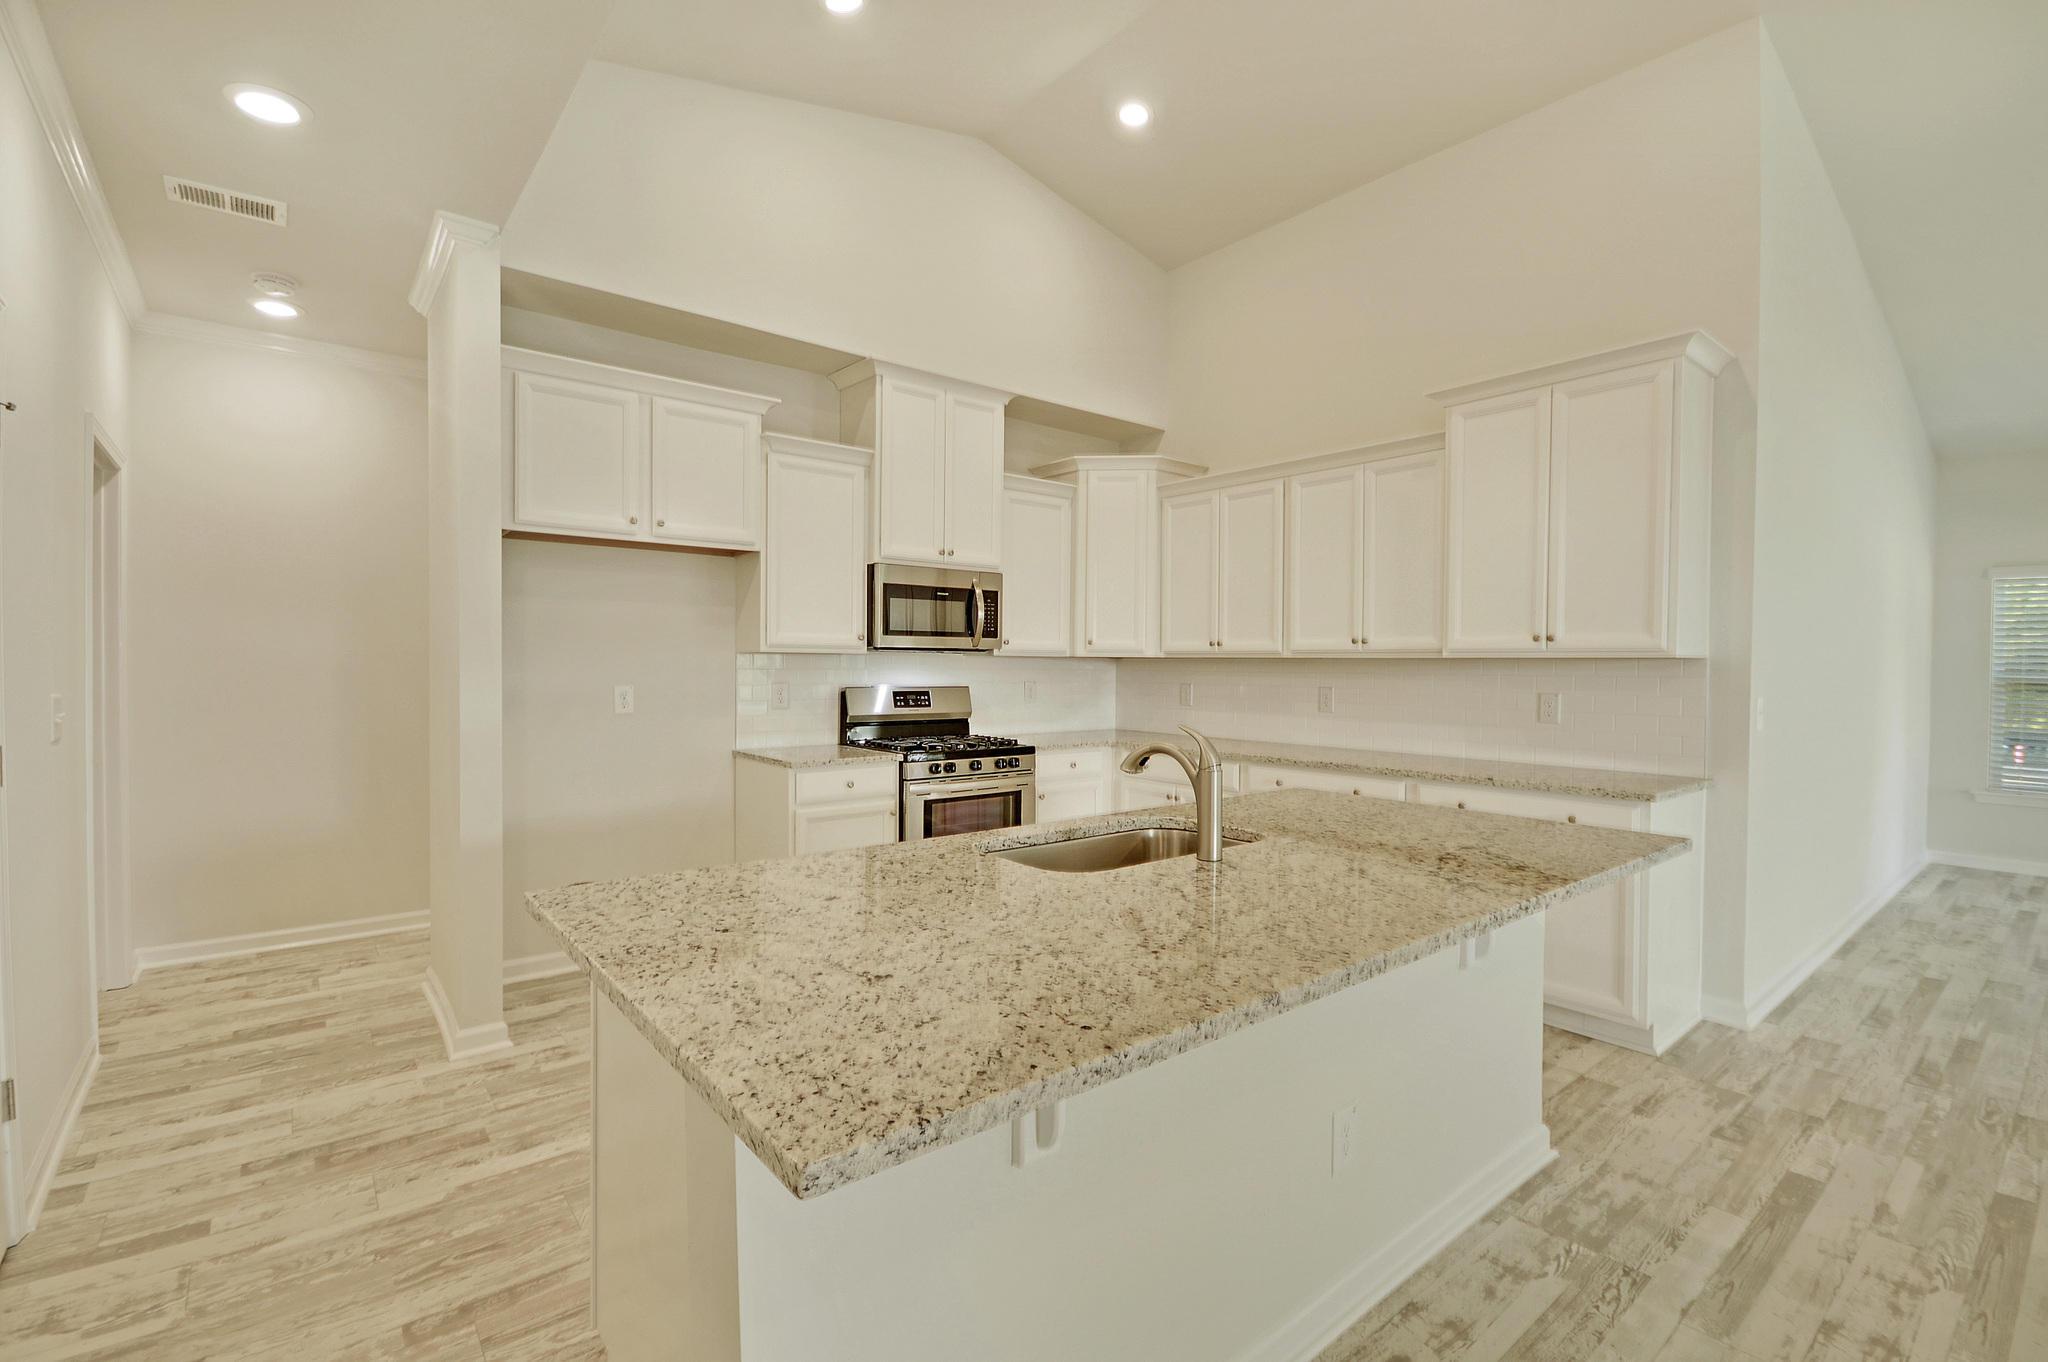 227 Witch Hazel Street, Summerville, 29486, MLS # 19001063 | Handsome  Properties